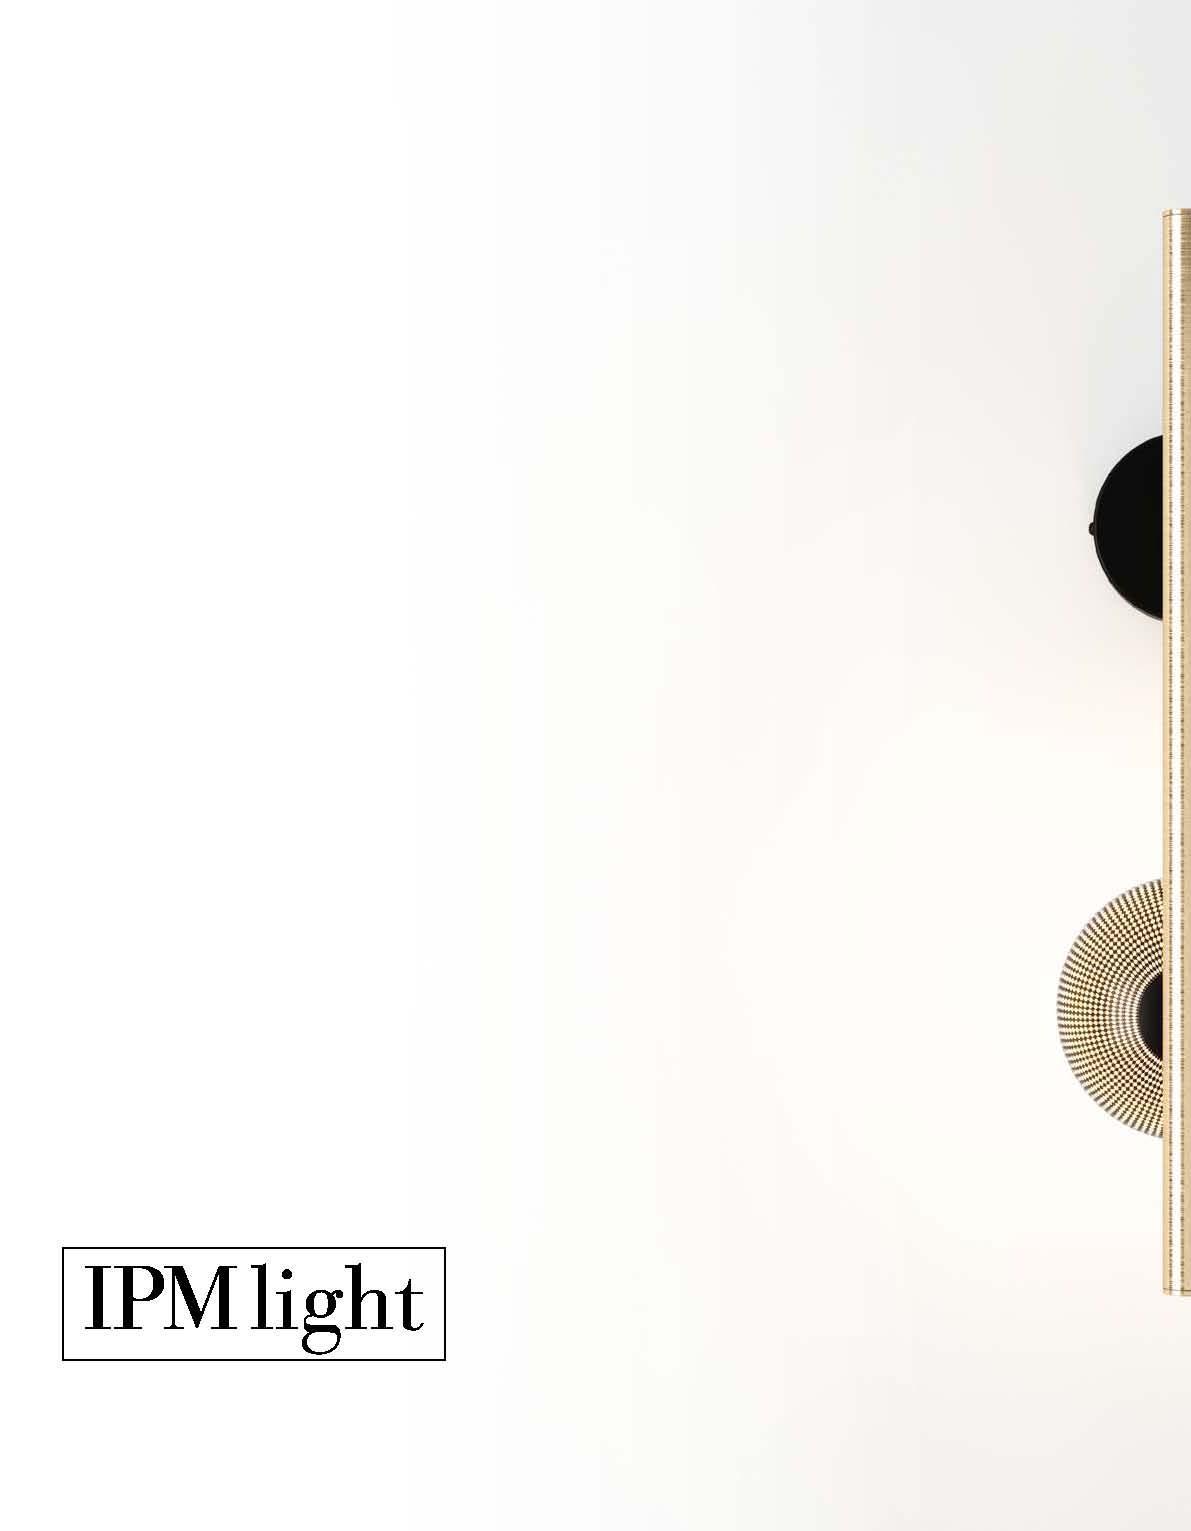 IPM lighting